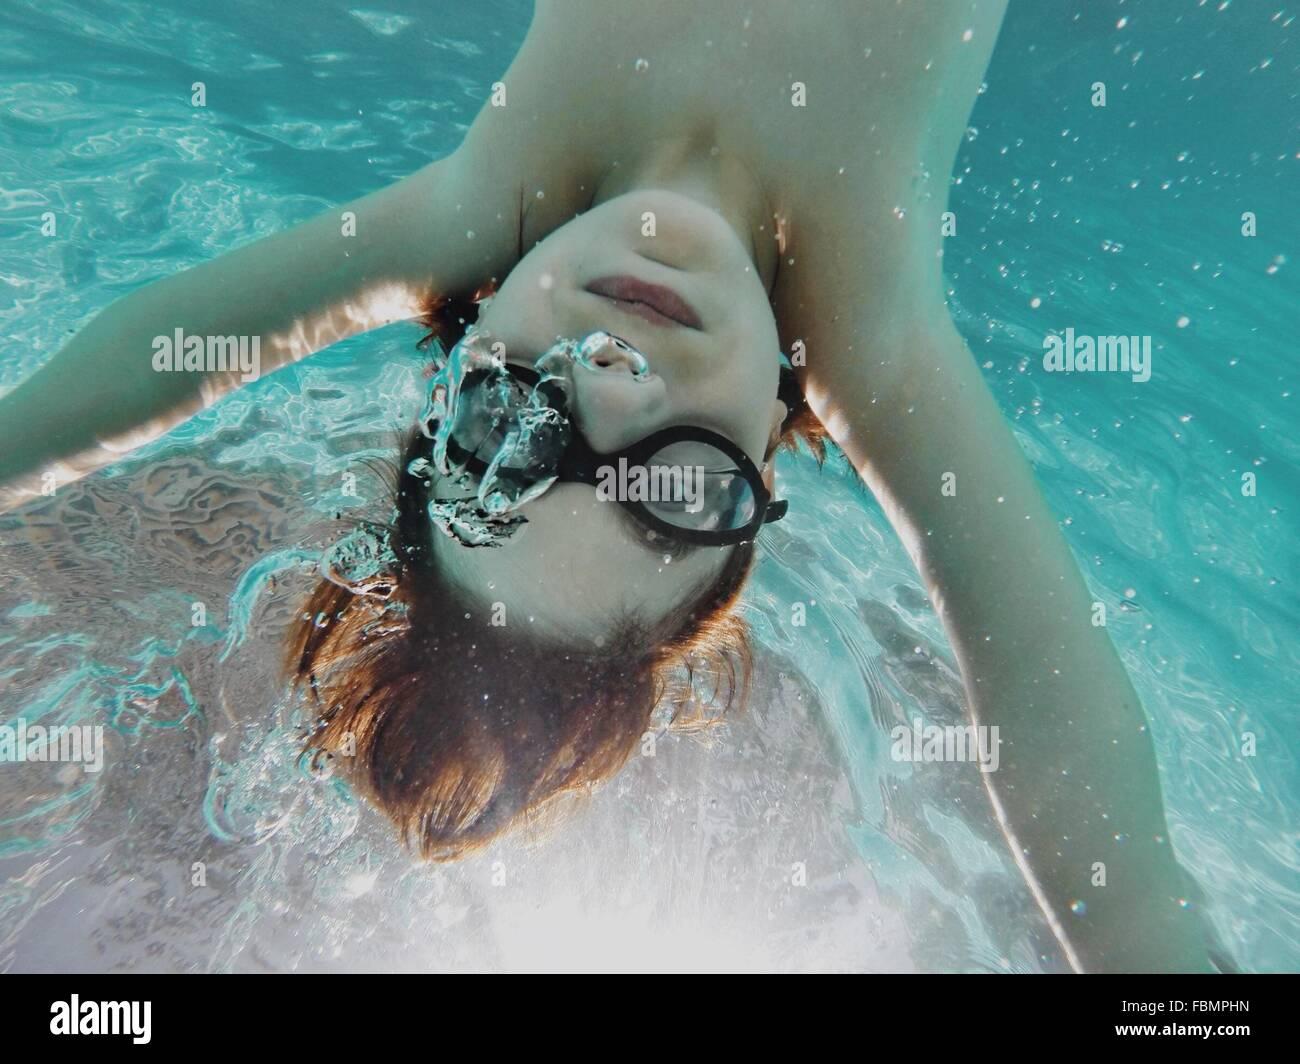 Upside Down di ragazzo di nuoto in piscina Immagini Stock